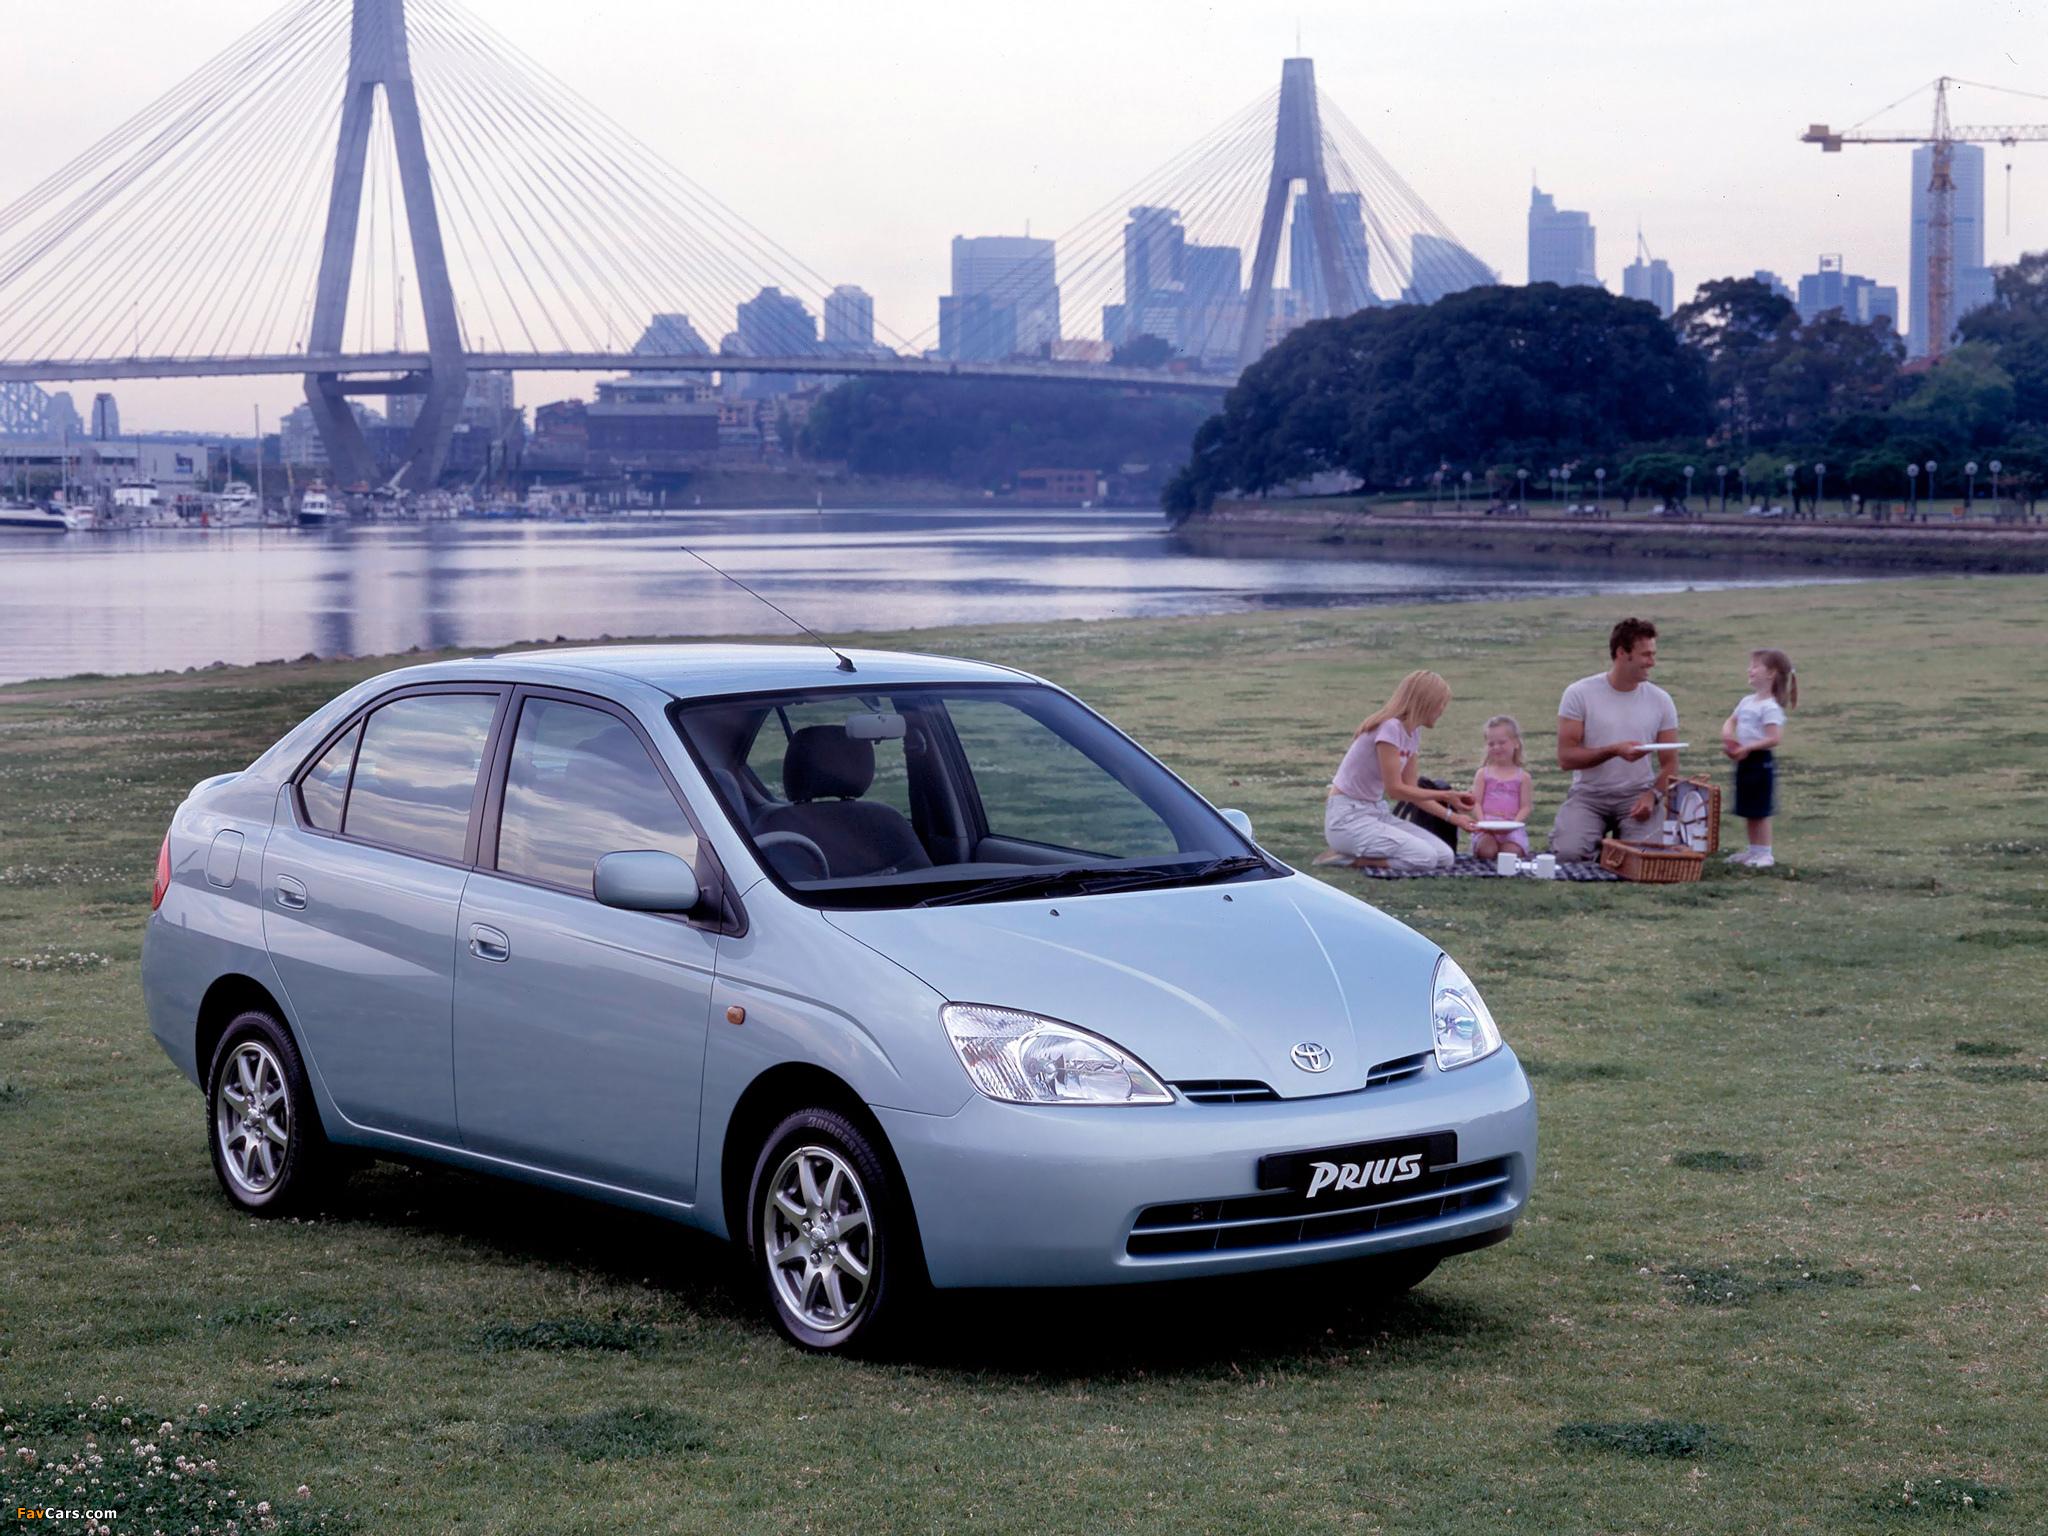 2001 Toyota Prius. 010701